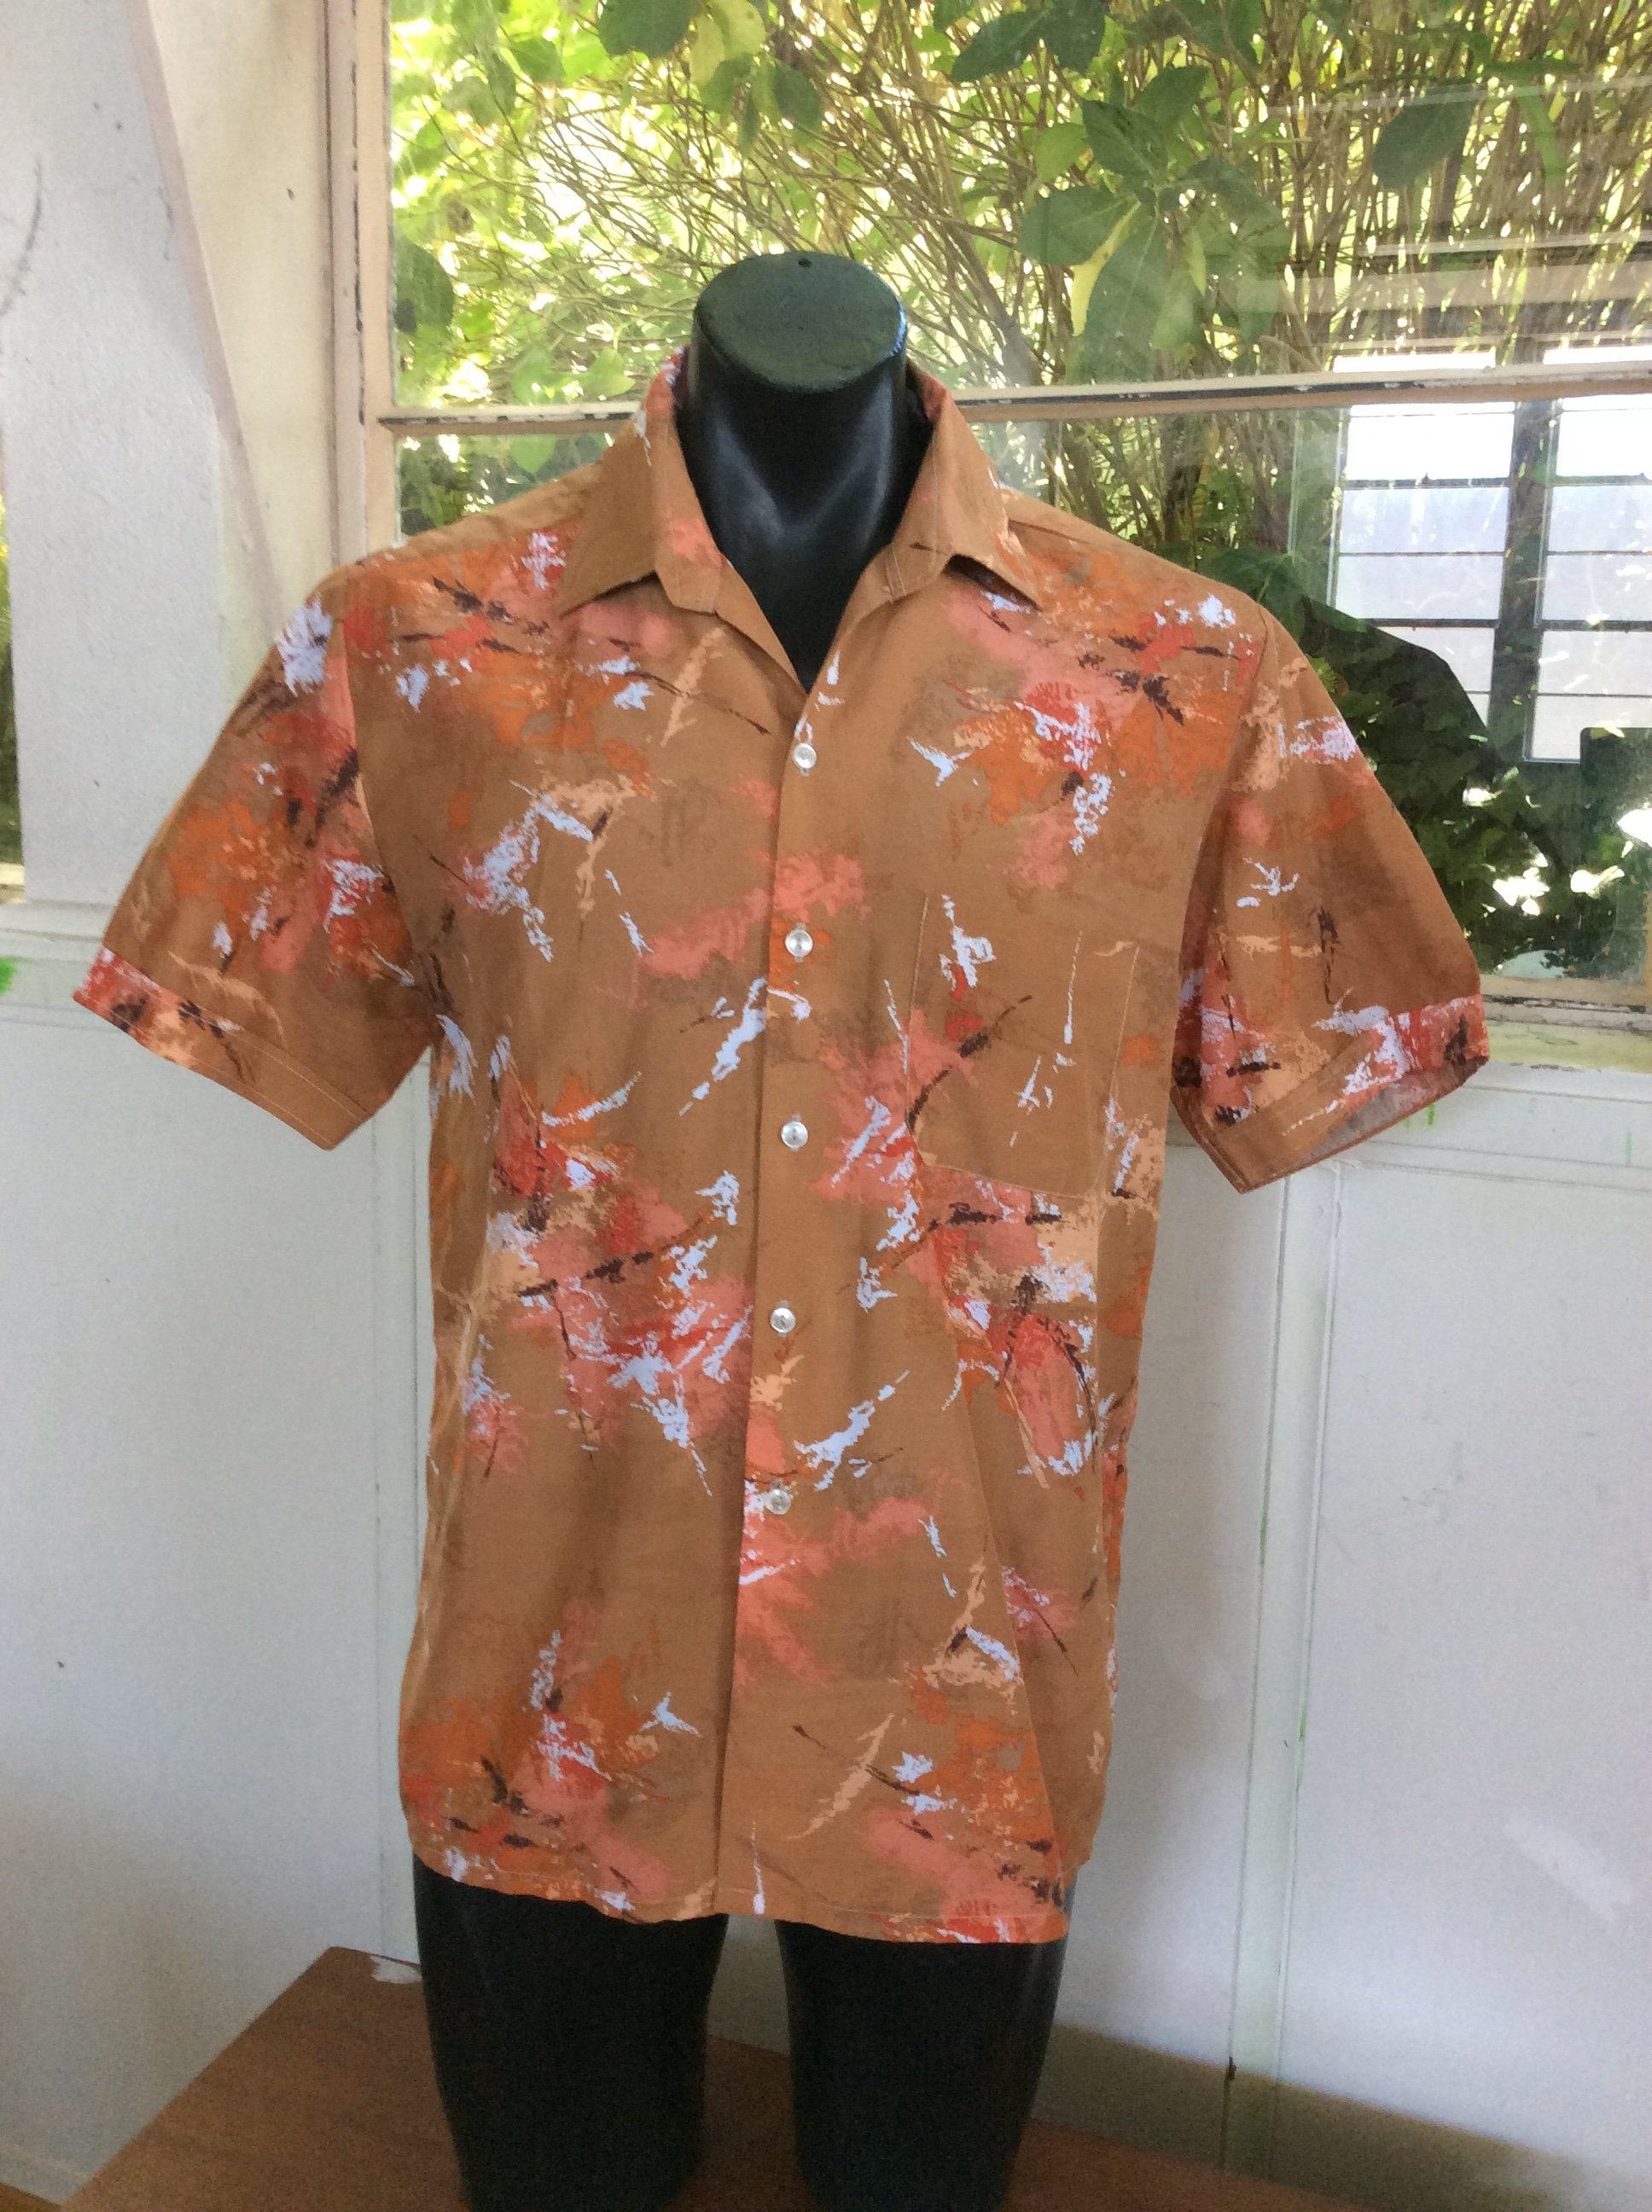 1970s Men's Shirt Styles – Vintage 70s Shirts for Guys 1980S Mens Hosma Shirt Abstract Art , Paint Splatter Short Sleeve Made in Australia $13.79 AT vintagedancer.com